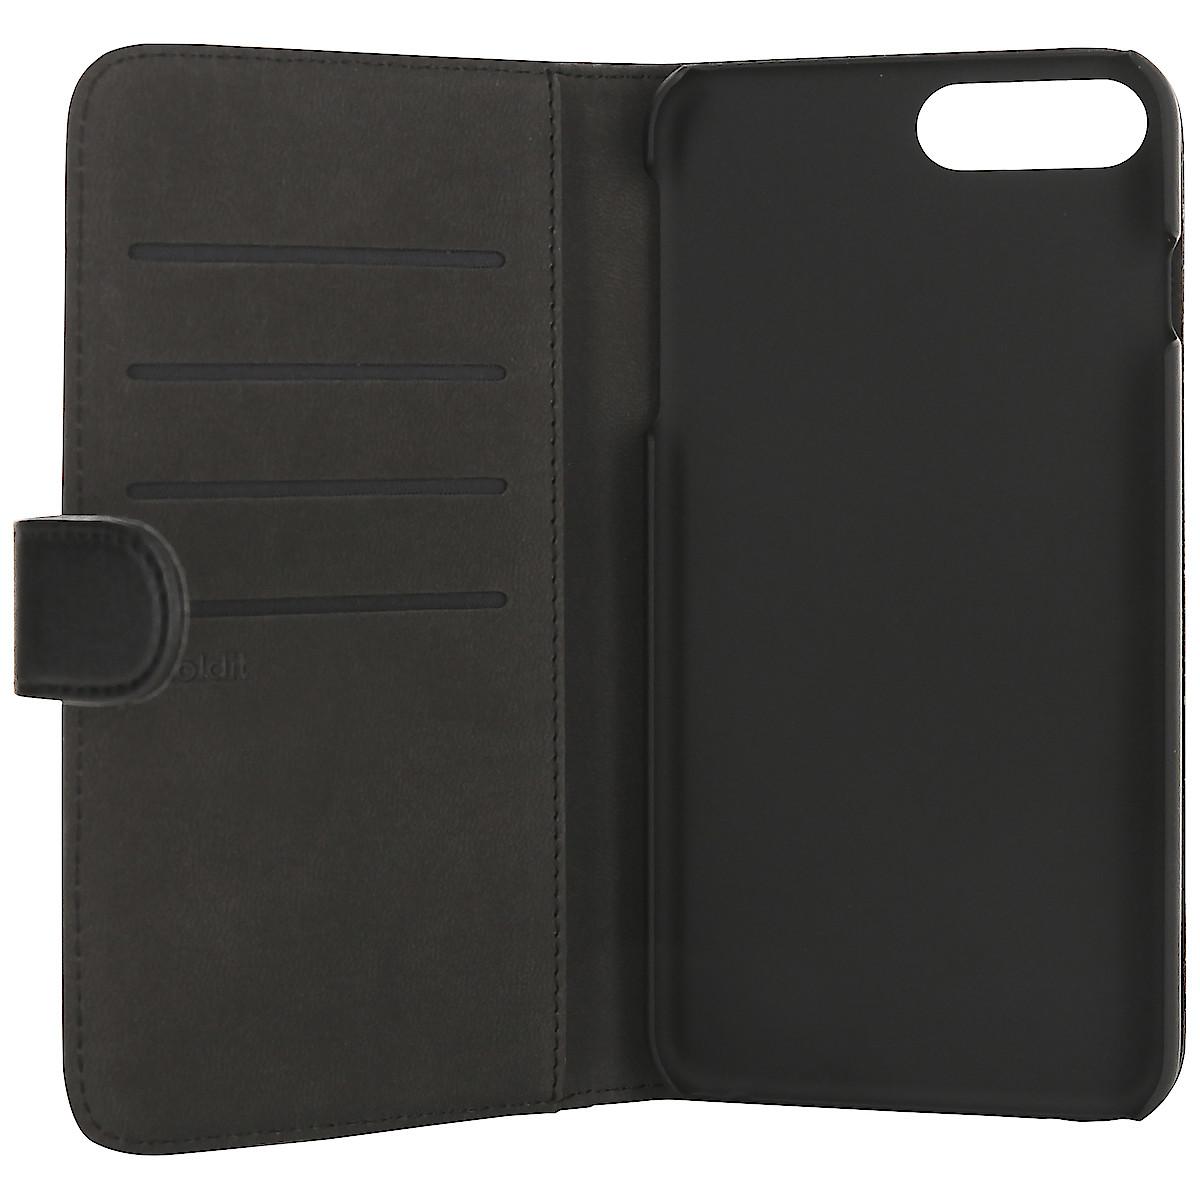 Plånboksfodral för iPhone 6 Plus/6s Plus/7 Plus/8 Plus, Holdit